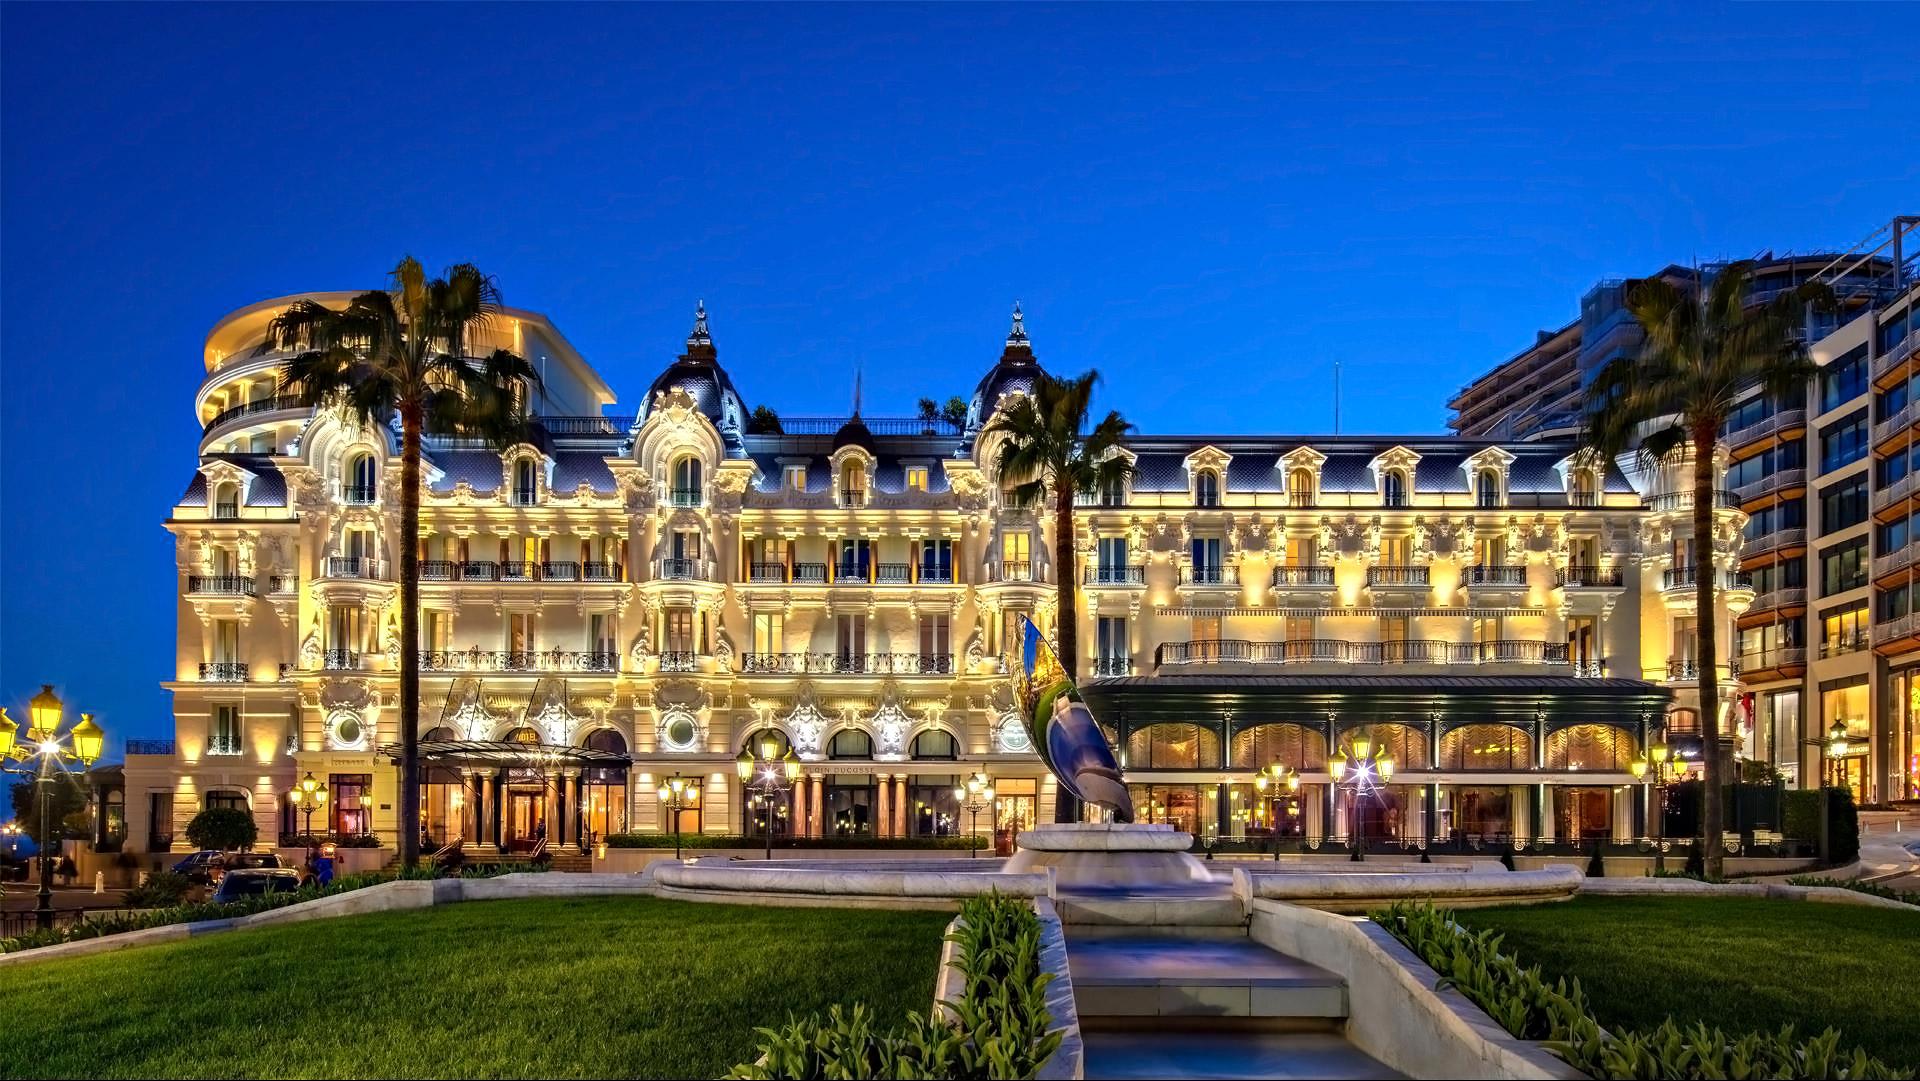 Hôtel de Paris and Place du Casino, Monte Carlo, Monaco